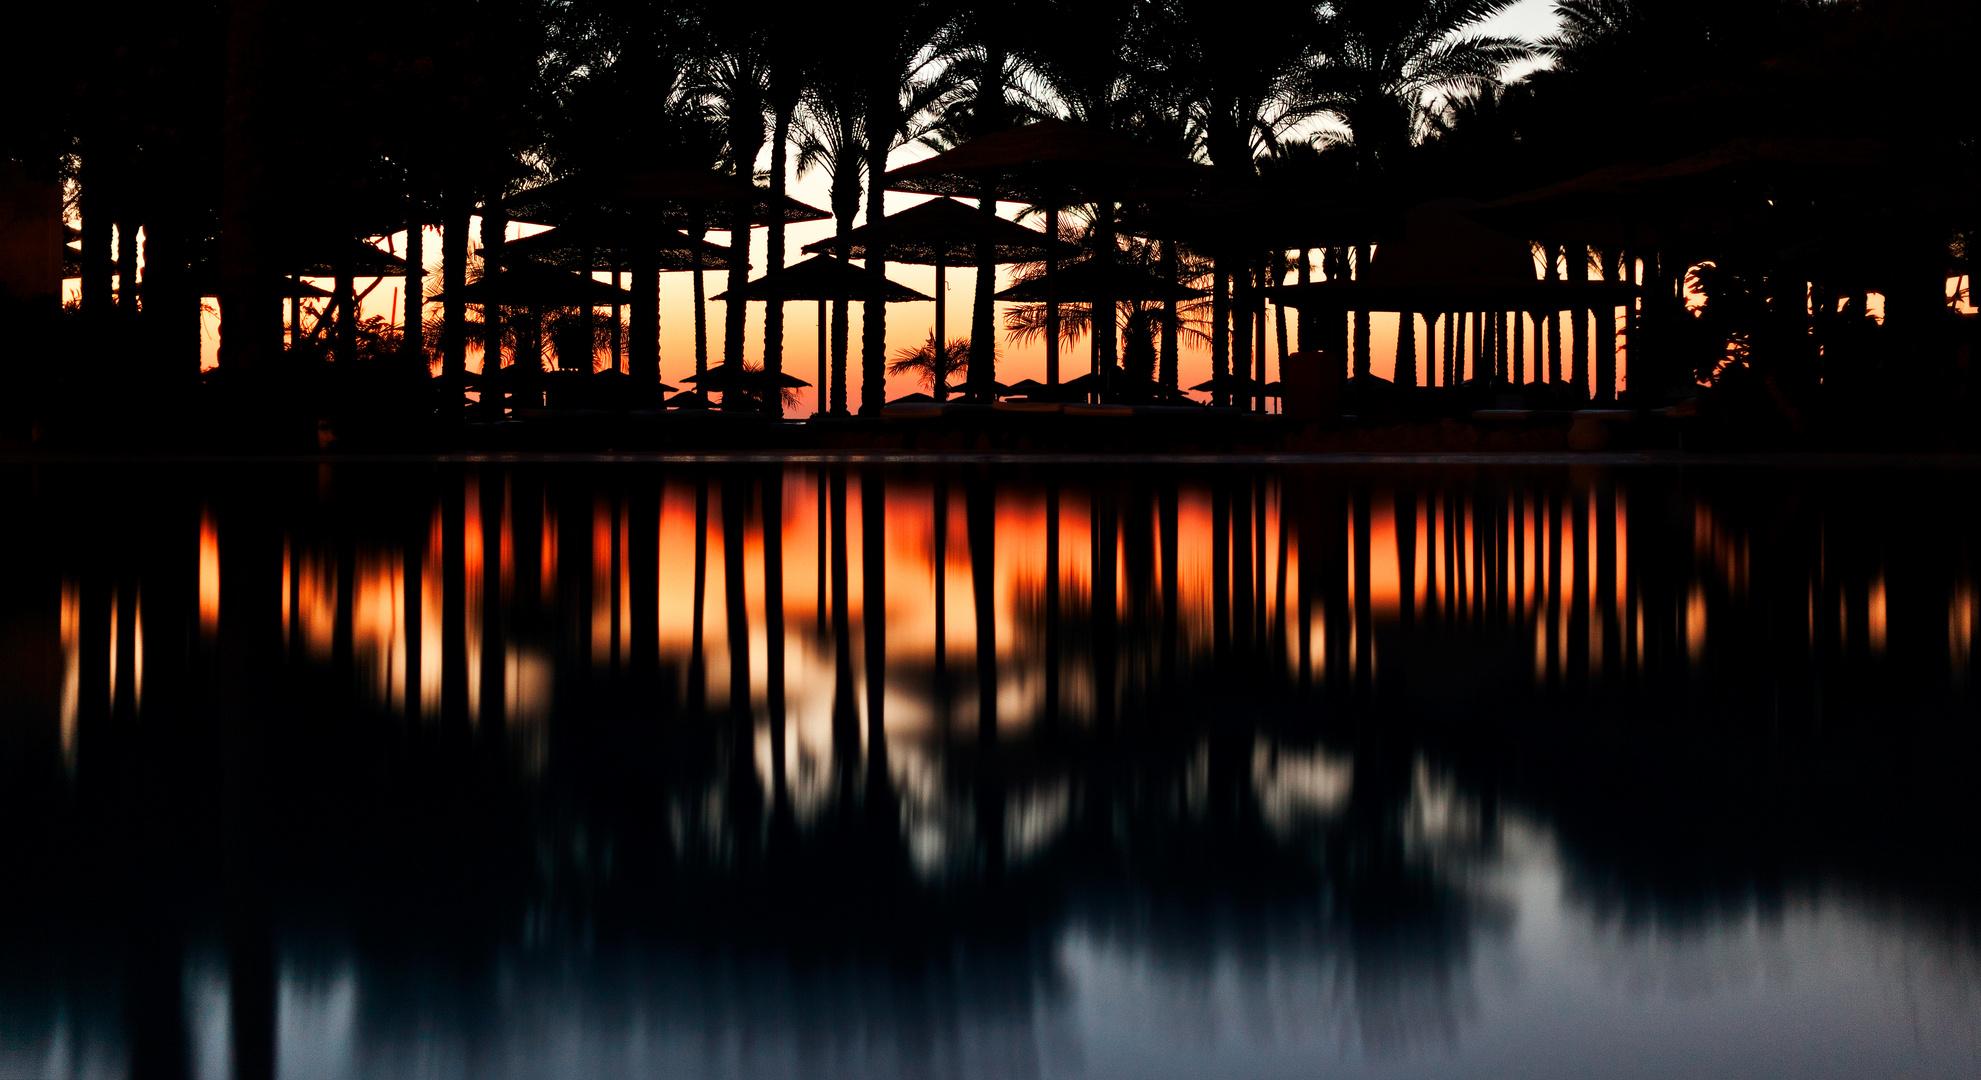 Das Leben am Nil (887)